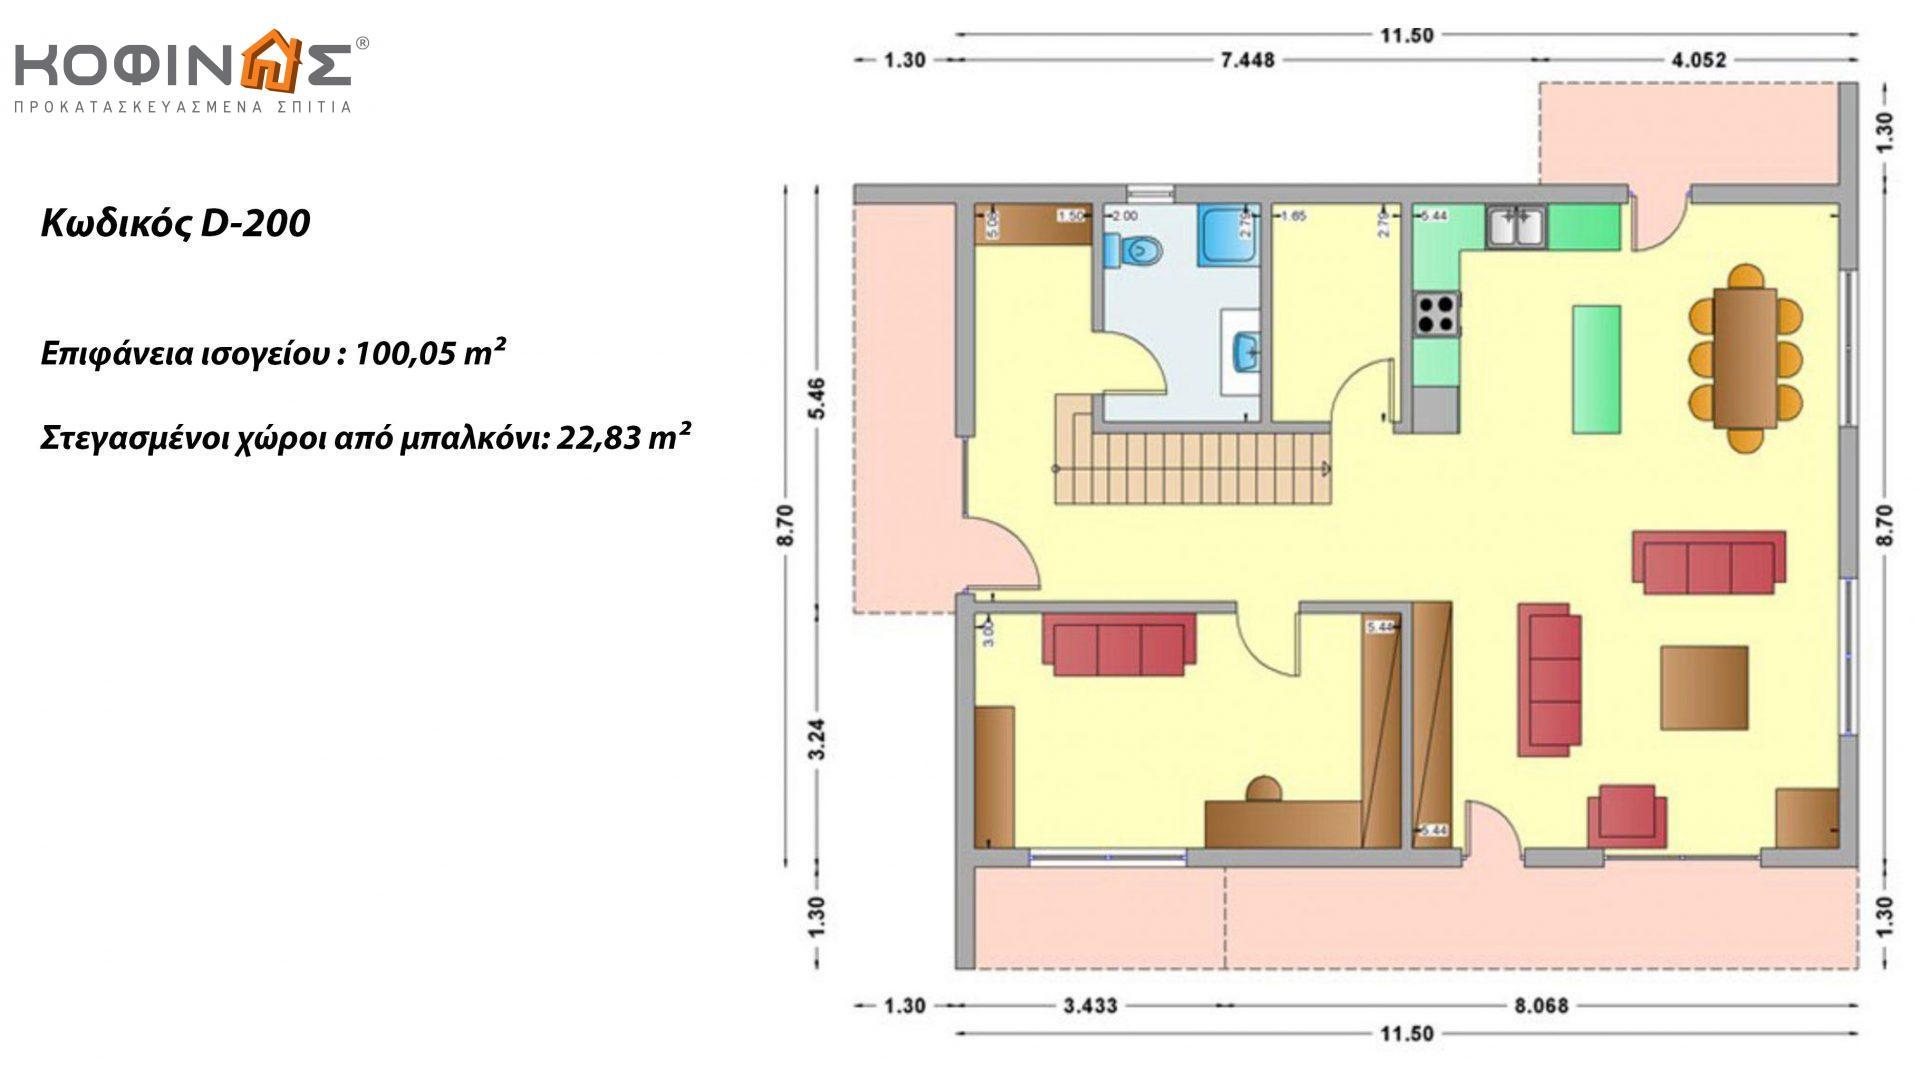 Διώροφη Κατοικία D-200, συνολικής επιφάνειας 200,10 τ.μ., συνολική επιφάνεια στεγασμένων χώρων 50.11 τ.μ., μπαλκόνια 22.83 τ.μ.